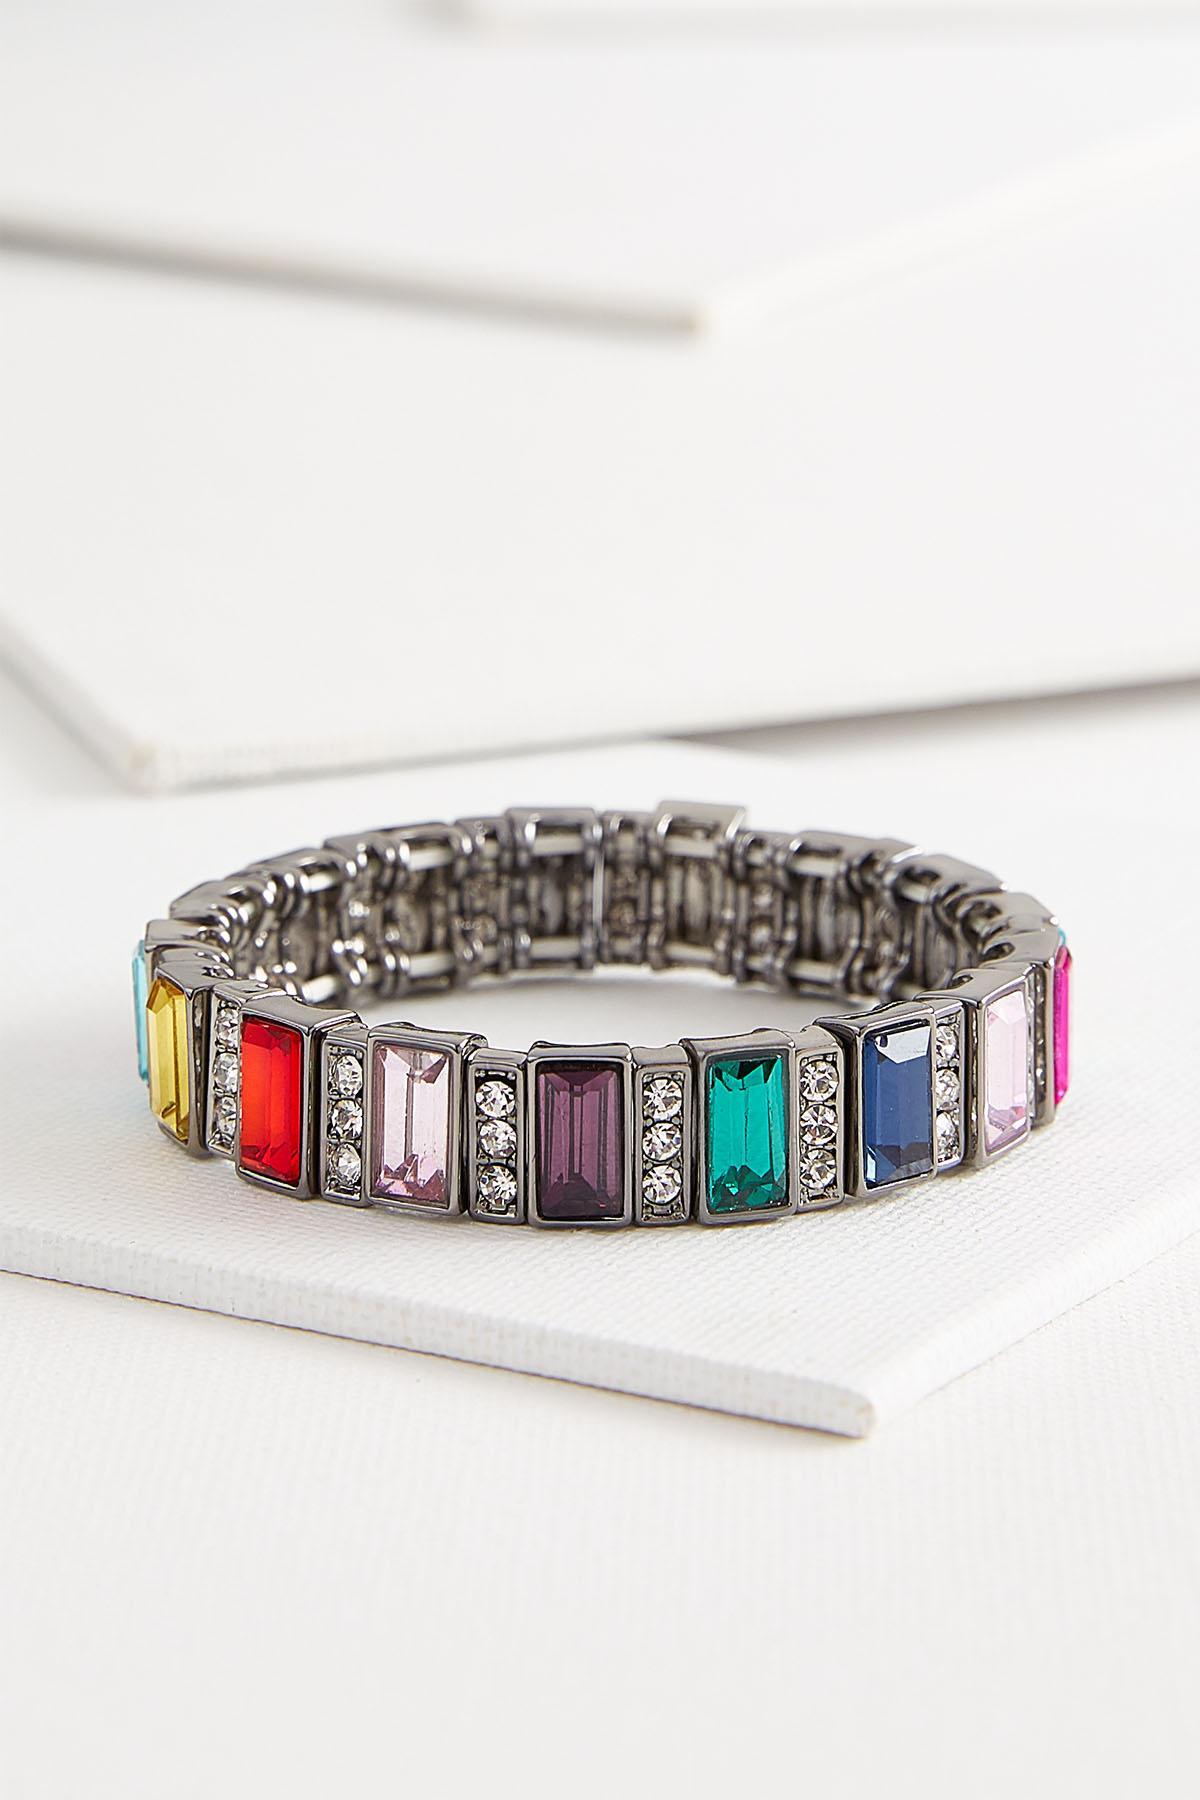 Jeweled Stretch Bracelet